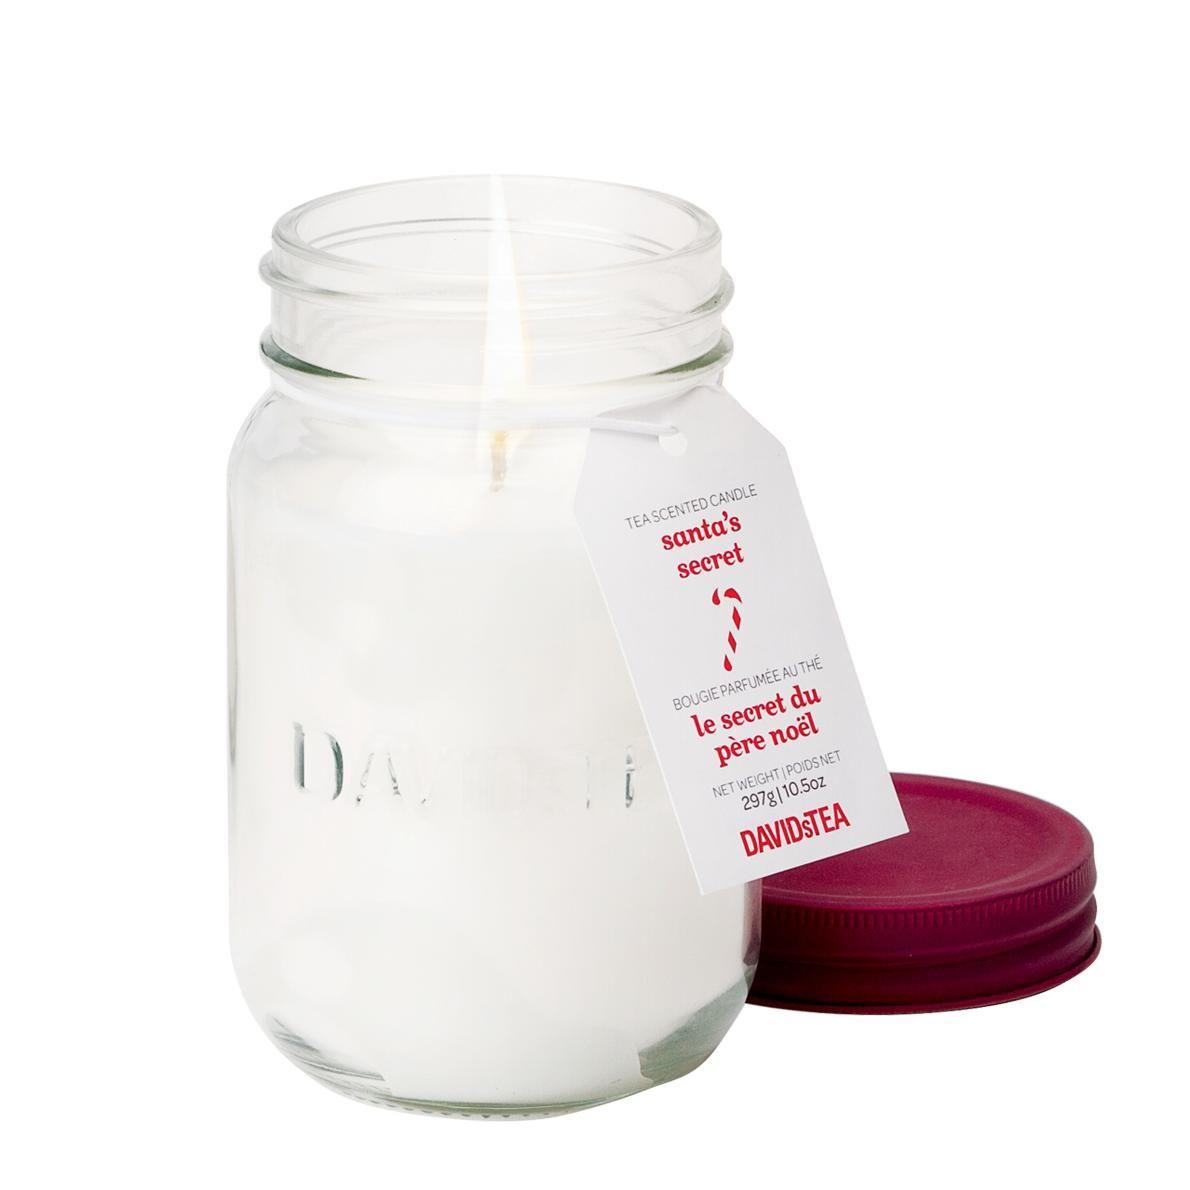 les 25 meilleures id es de la cat gorie bougie parfum e pas cher sur pinterest bougies. Black Bedroom Furniture Sets. Home Design Ideas